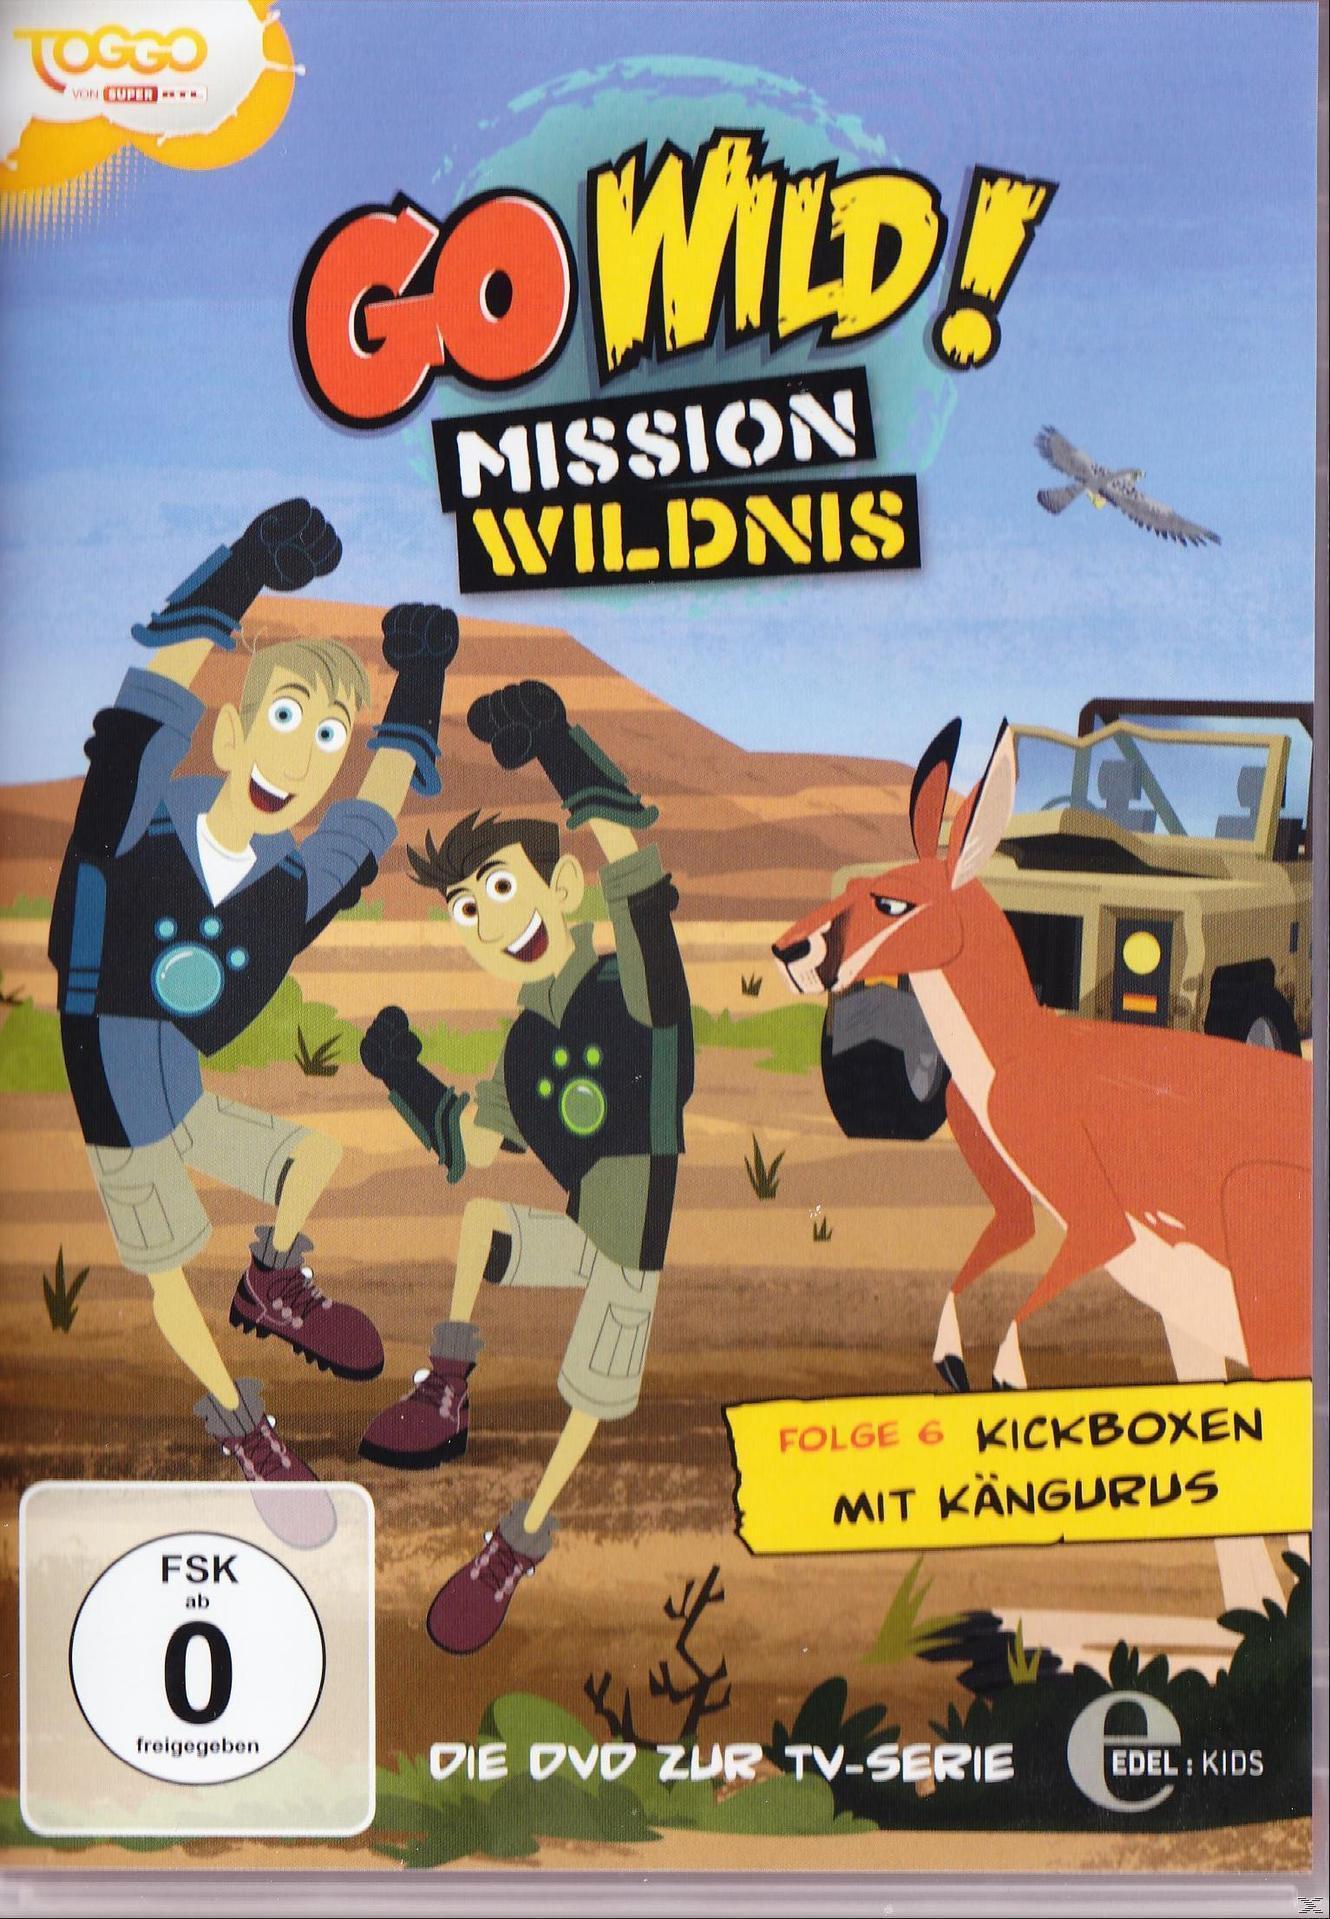 Go Wild Mission Wildnis